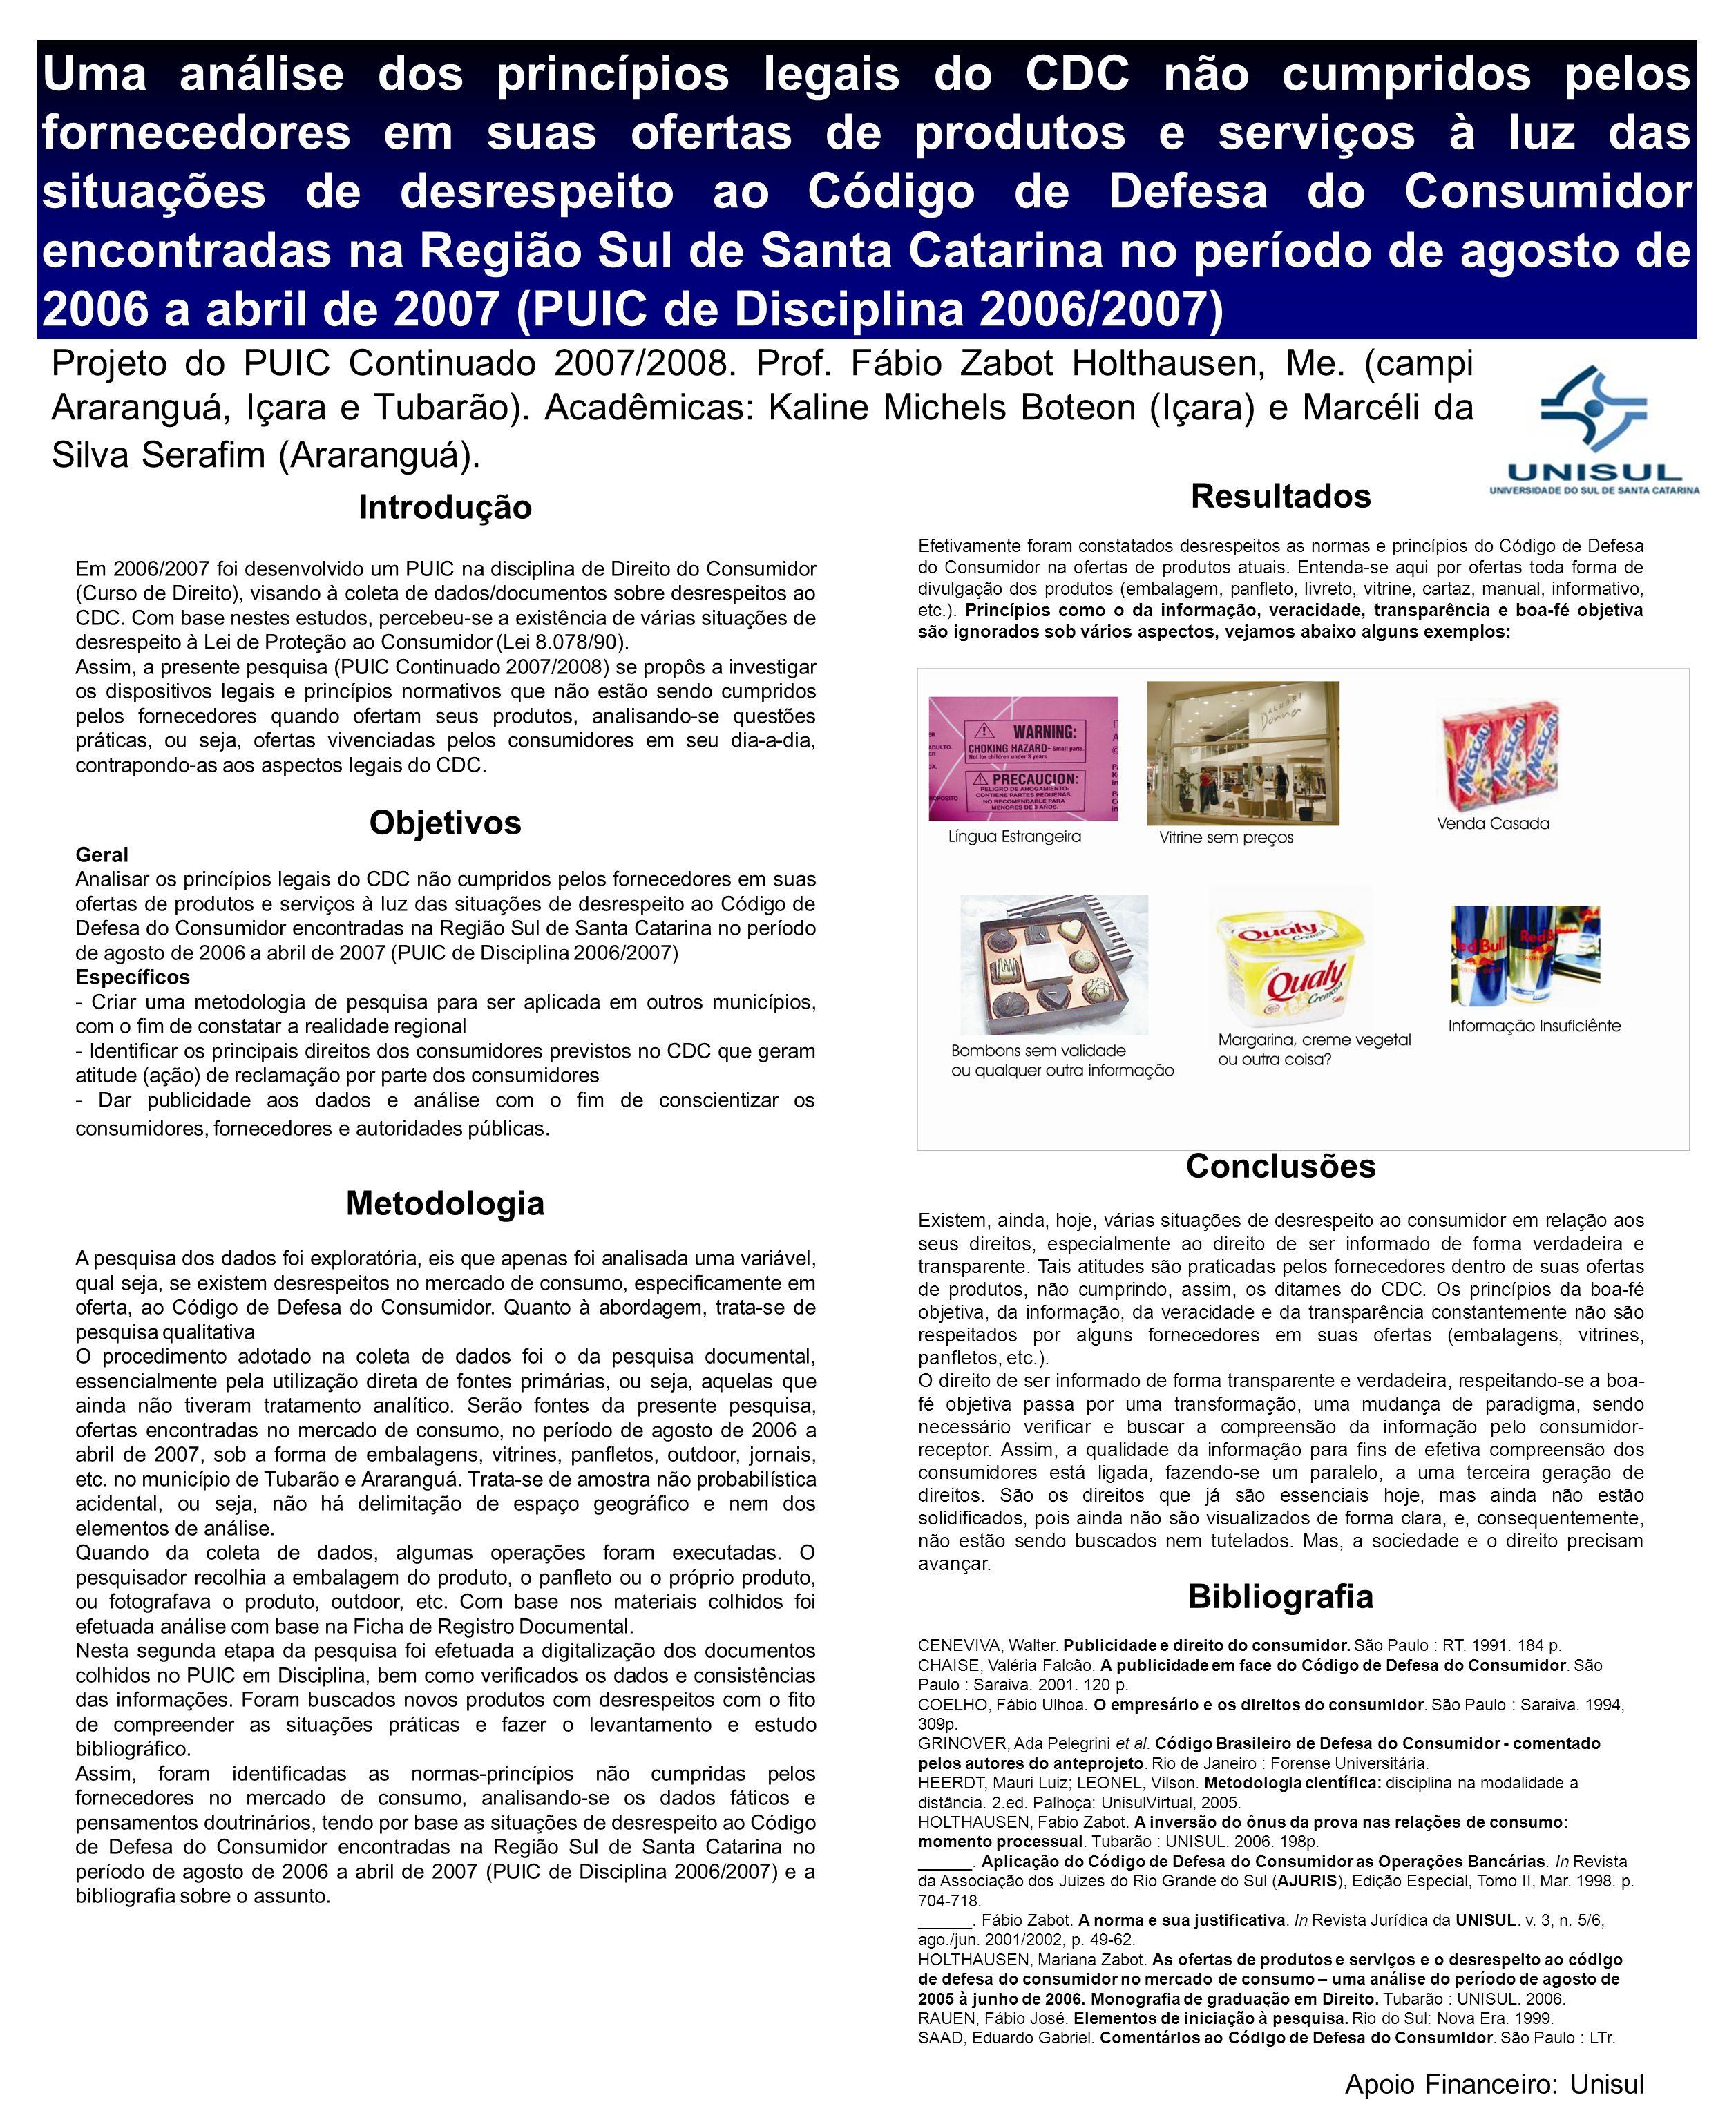 Uma análise dos princípios legais do CDC não cumpridos pelos fornecedores em suas ofertas de produtos e serviços à luz das situações de desrespeito ao Código de Defesa do Consumidor encontradas na Região Sul de Santa Catarina no período de agosto de 2006 a abril de 2007 (PUIC de Disciplina 2006/2007)